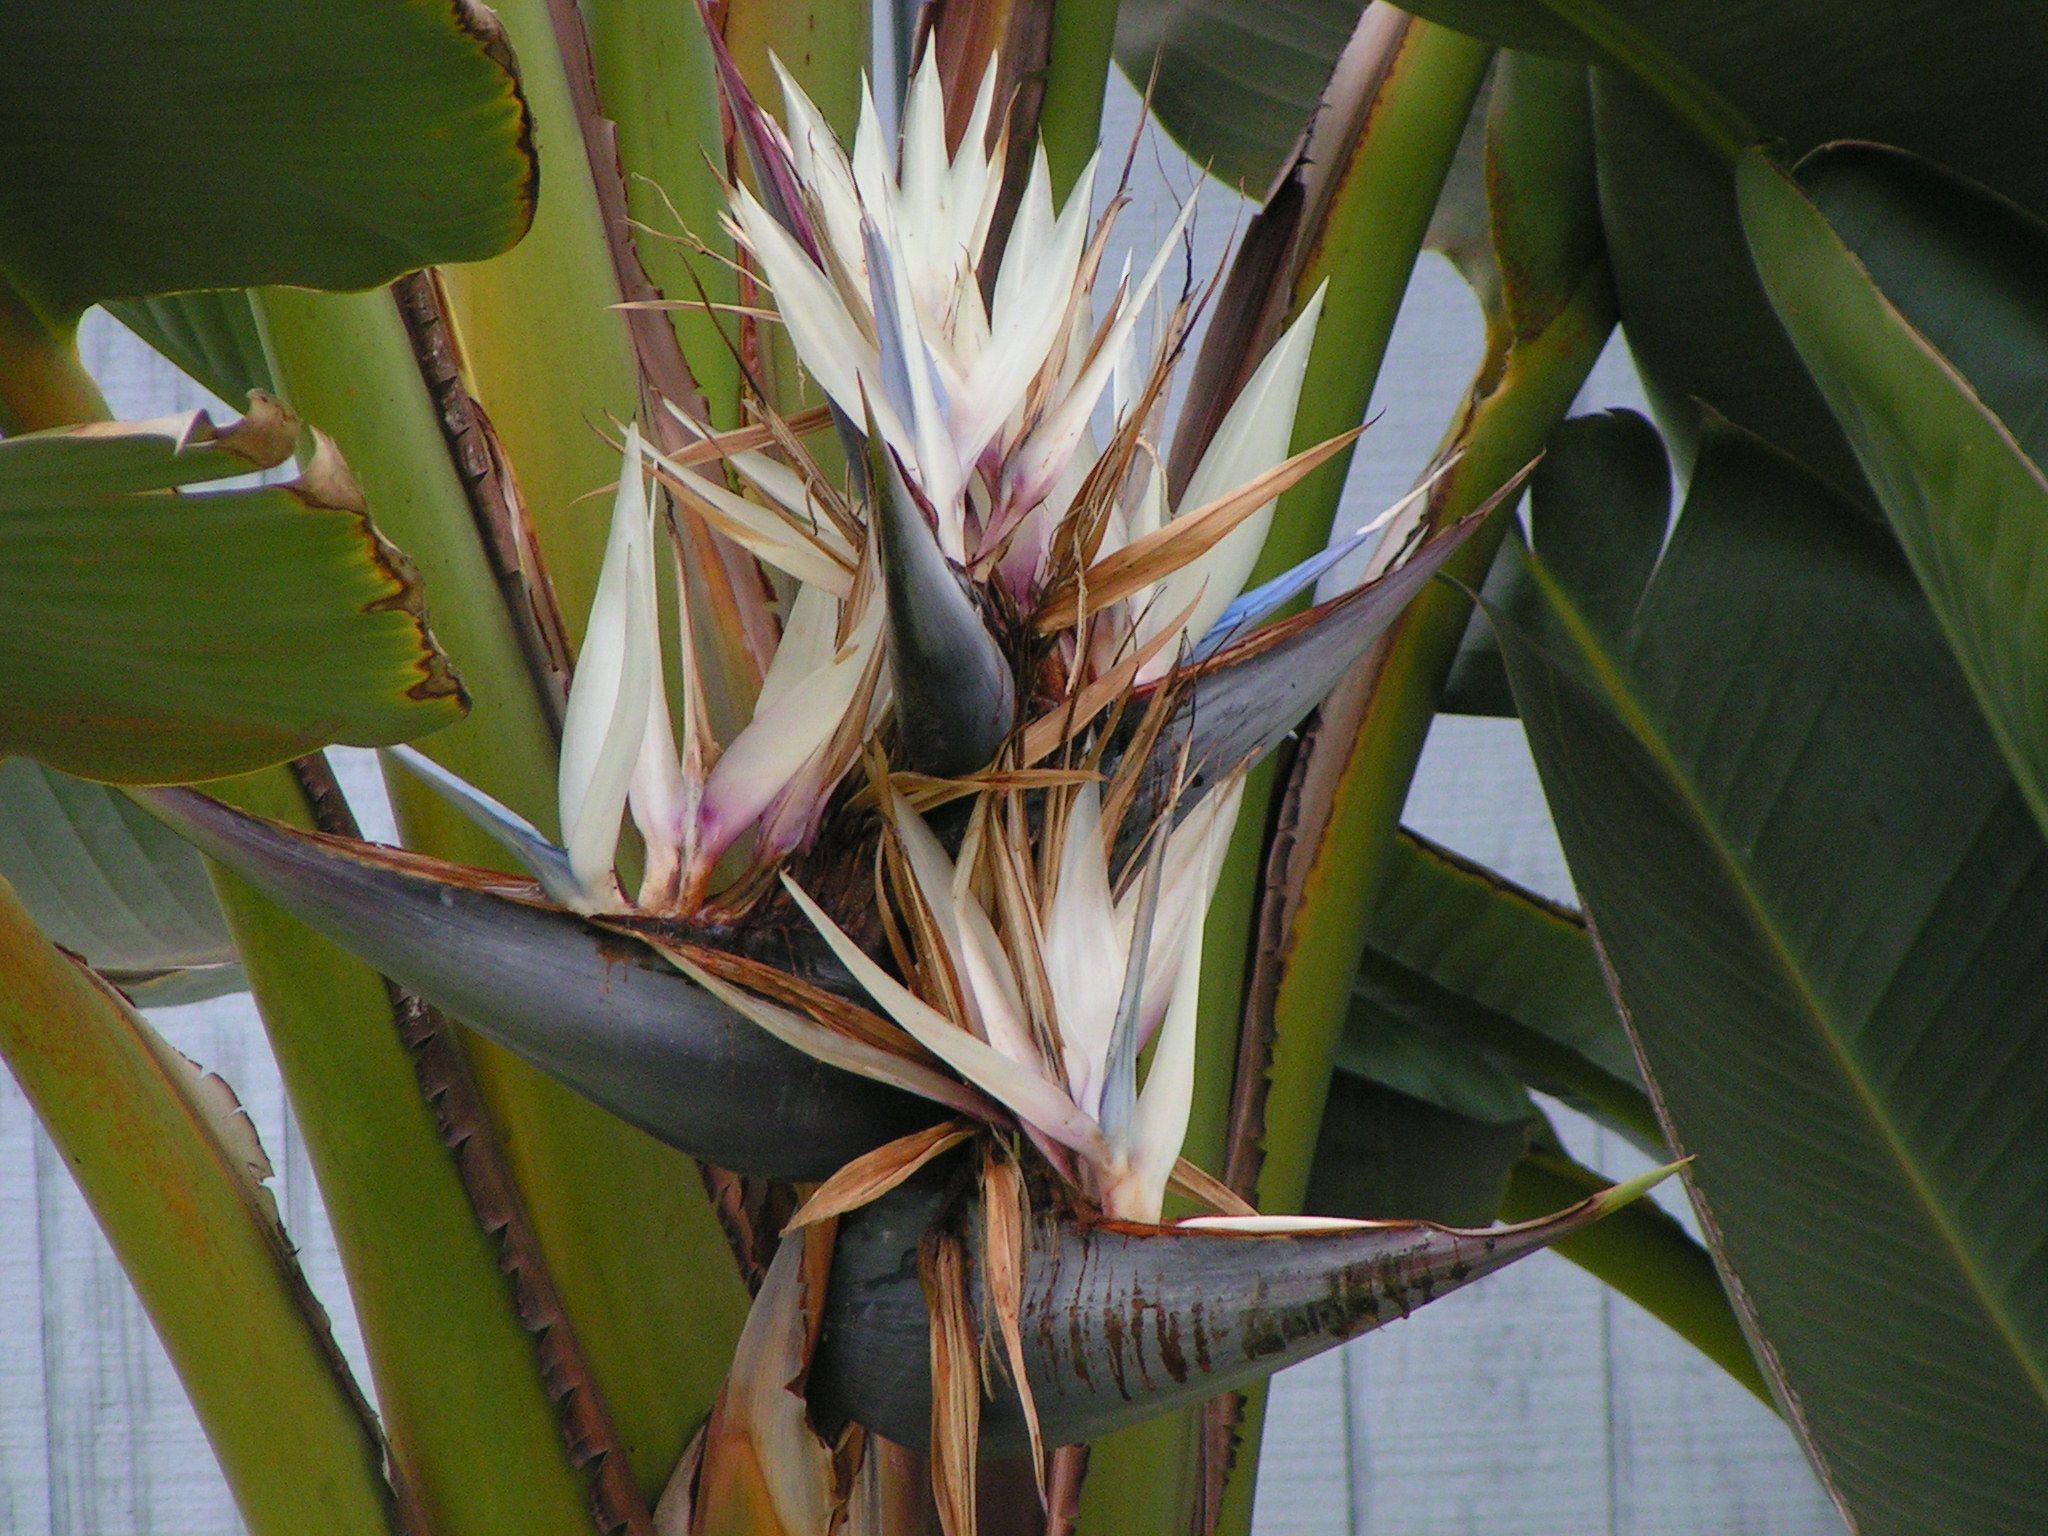 Strelitzia Nicolai Giant Bird Of Paradise Wild Strelitzia Hardy To 30 Degrees Full Sun To Part Paradise Flowers Birds Of Paradise White Background Images